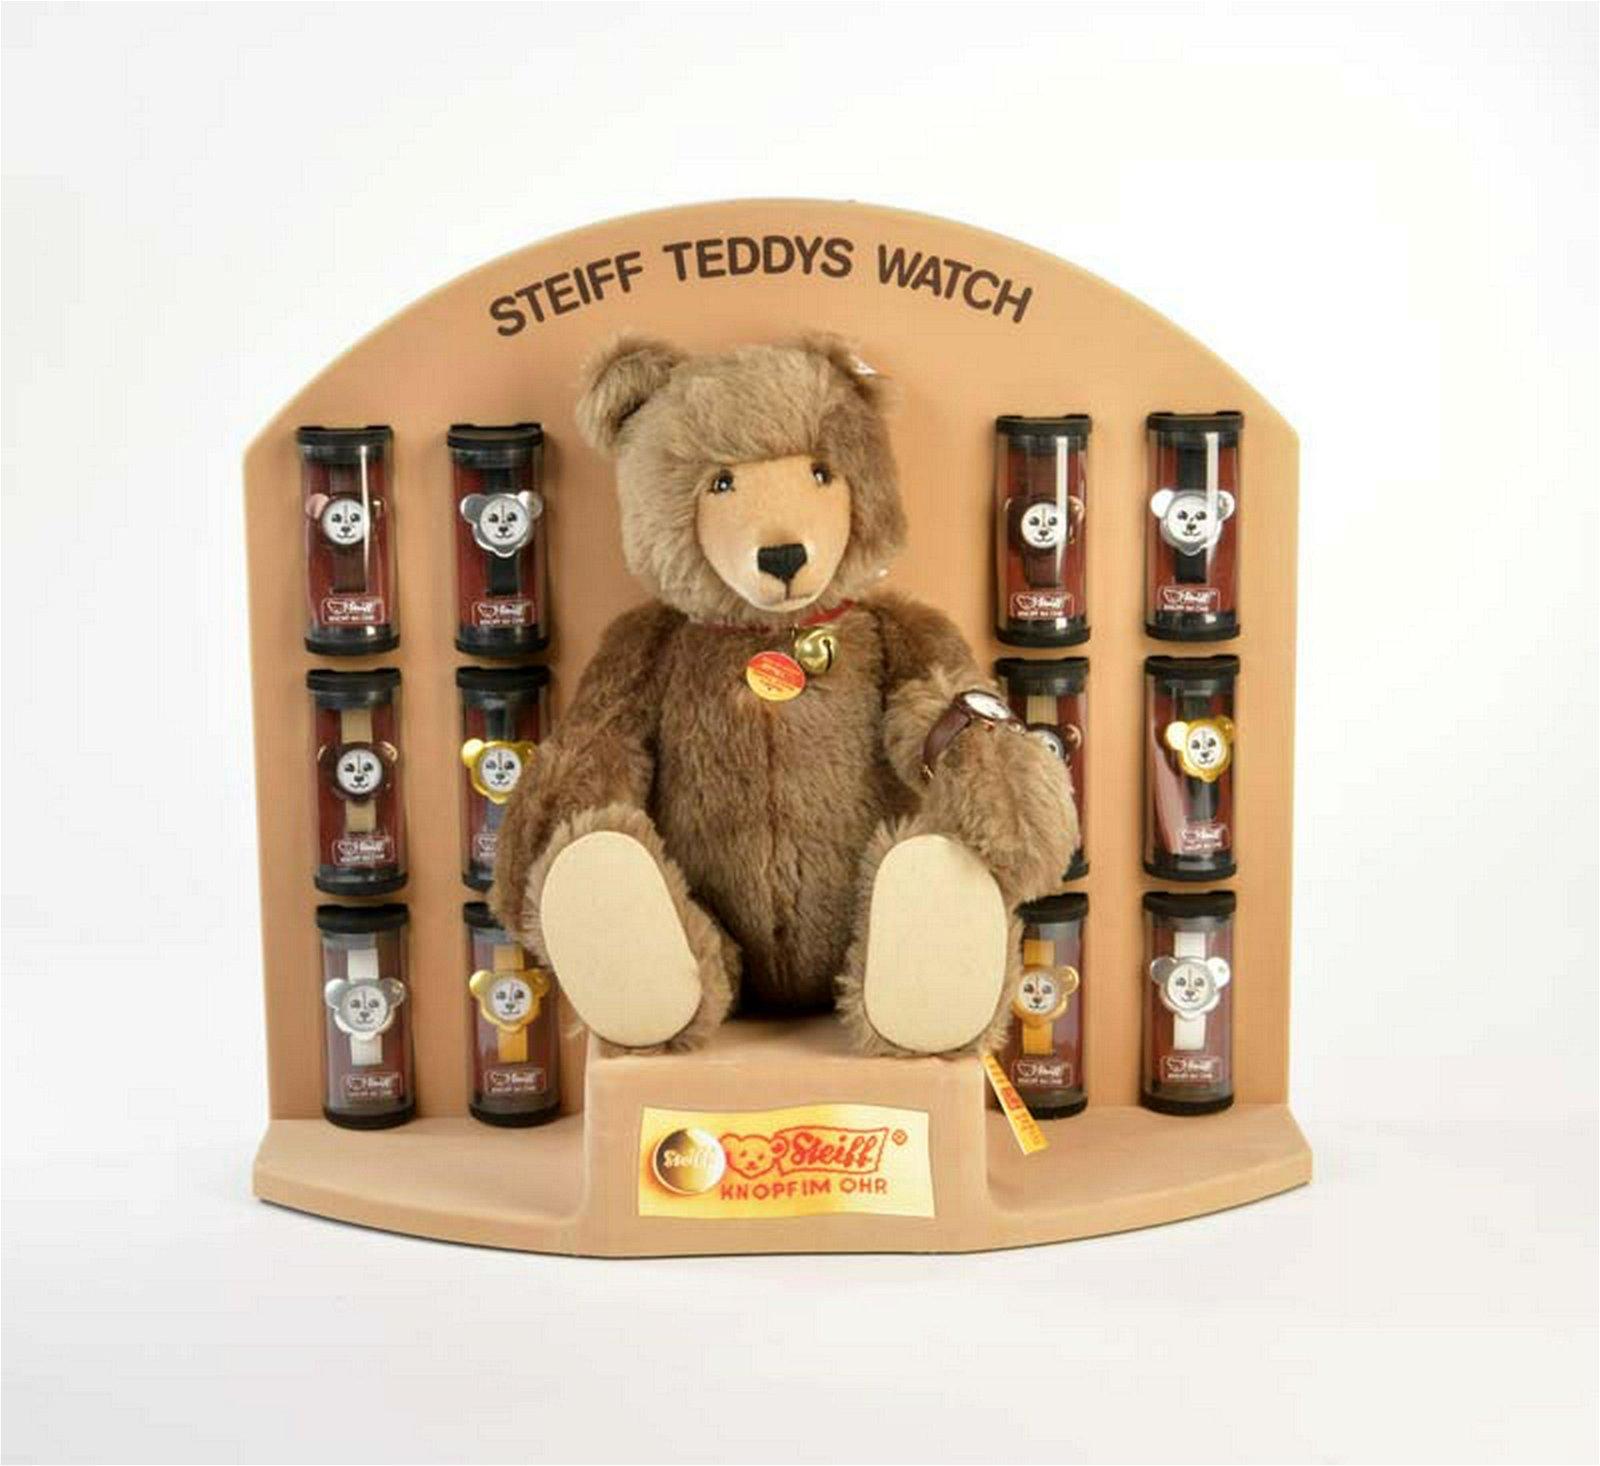 Steiff, Watch Teddy mit Uhr + 12 Steiff Uhren in